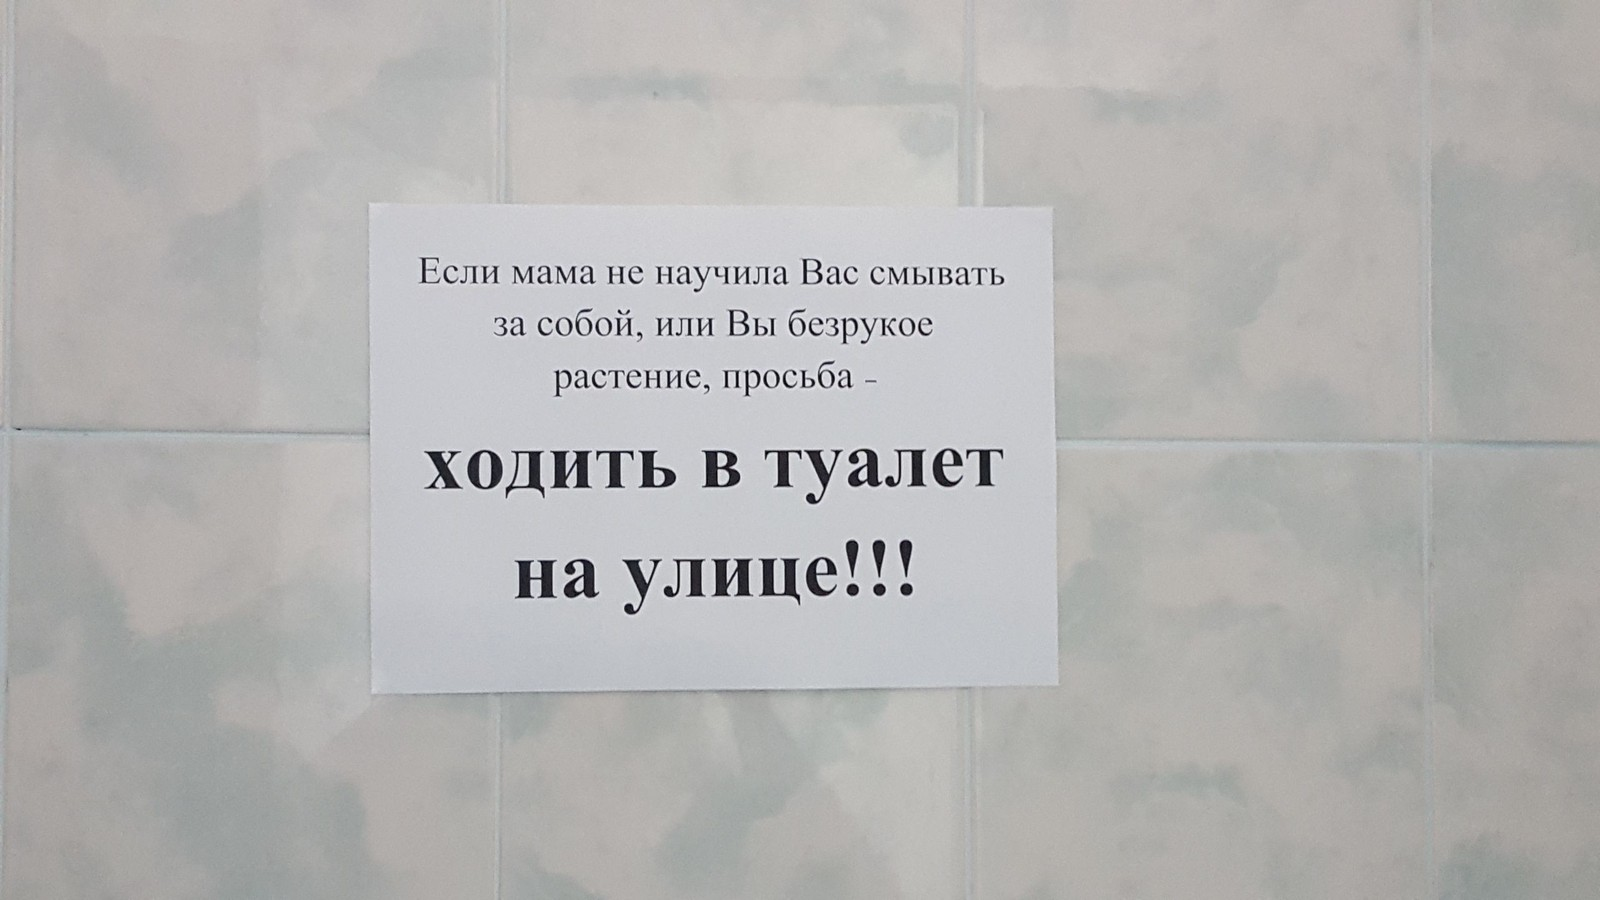 фото в туалете женском